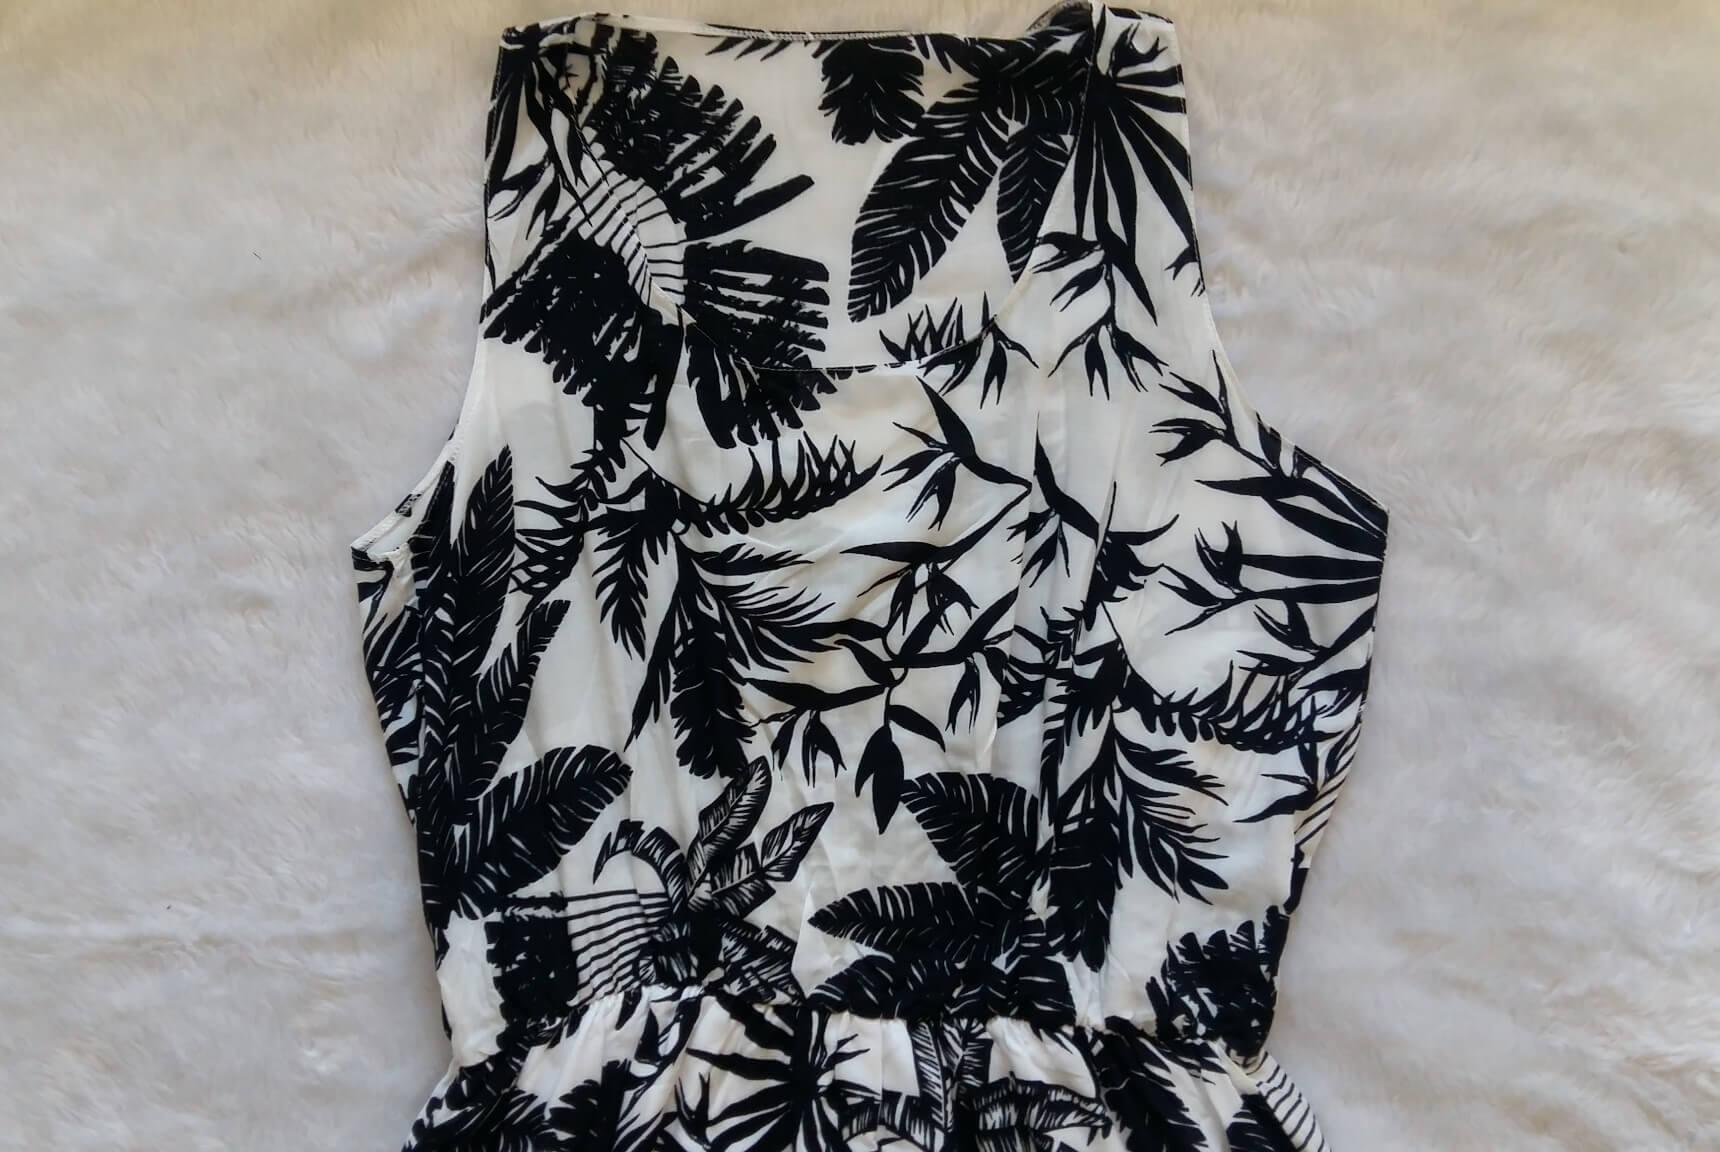 Vestido com estampa em preto e branco